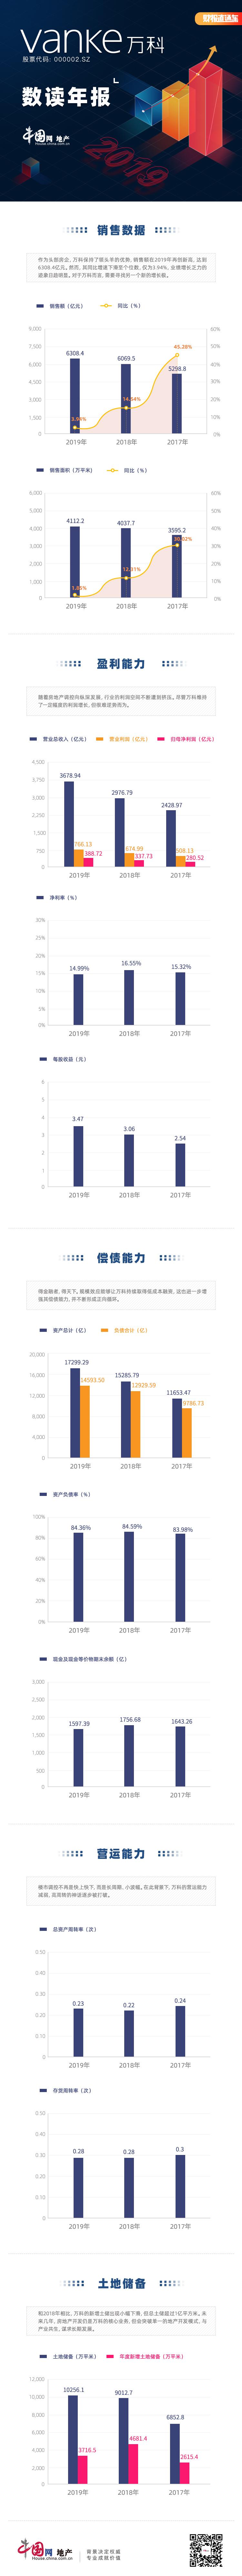 數讀年報 萬科:2019年銷售額同比增速下滑至個位數 總土儲超1億平方米-中國網地產